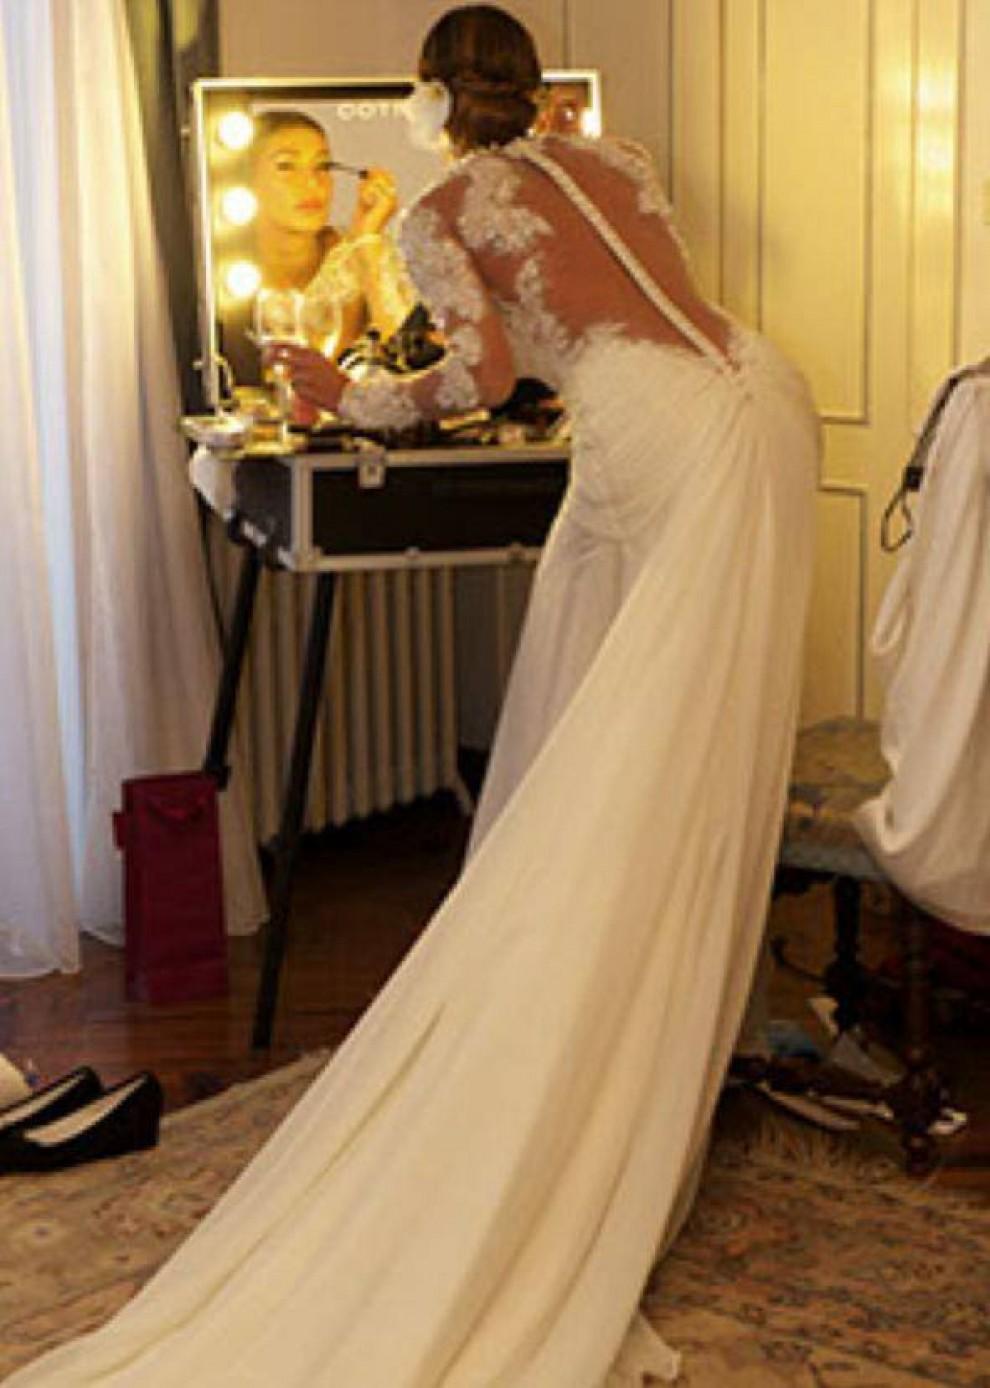 design senza tempo 63e4b 9083c Belen Rodriguez, Tapiro d'oro per il vestito da sposa – Tvzap